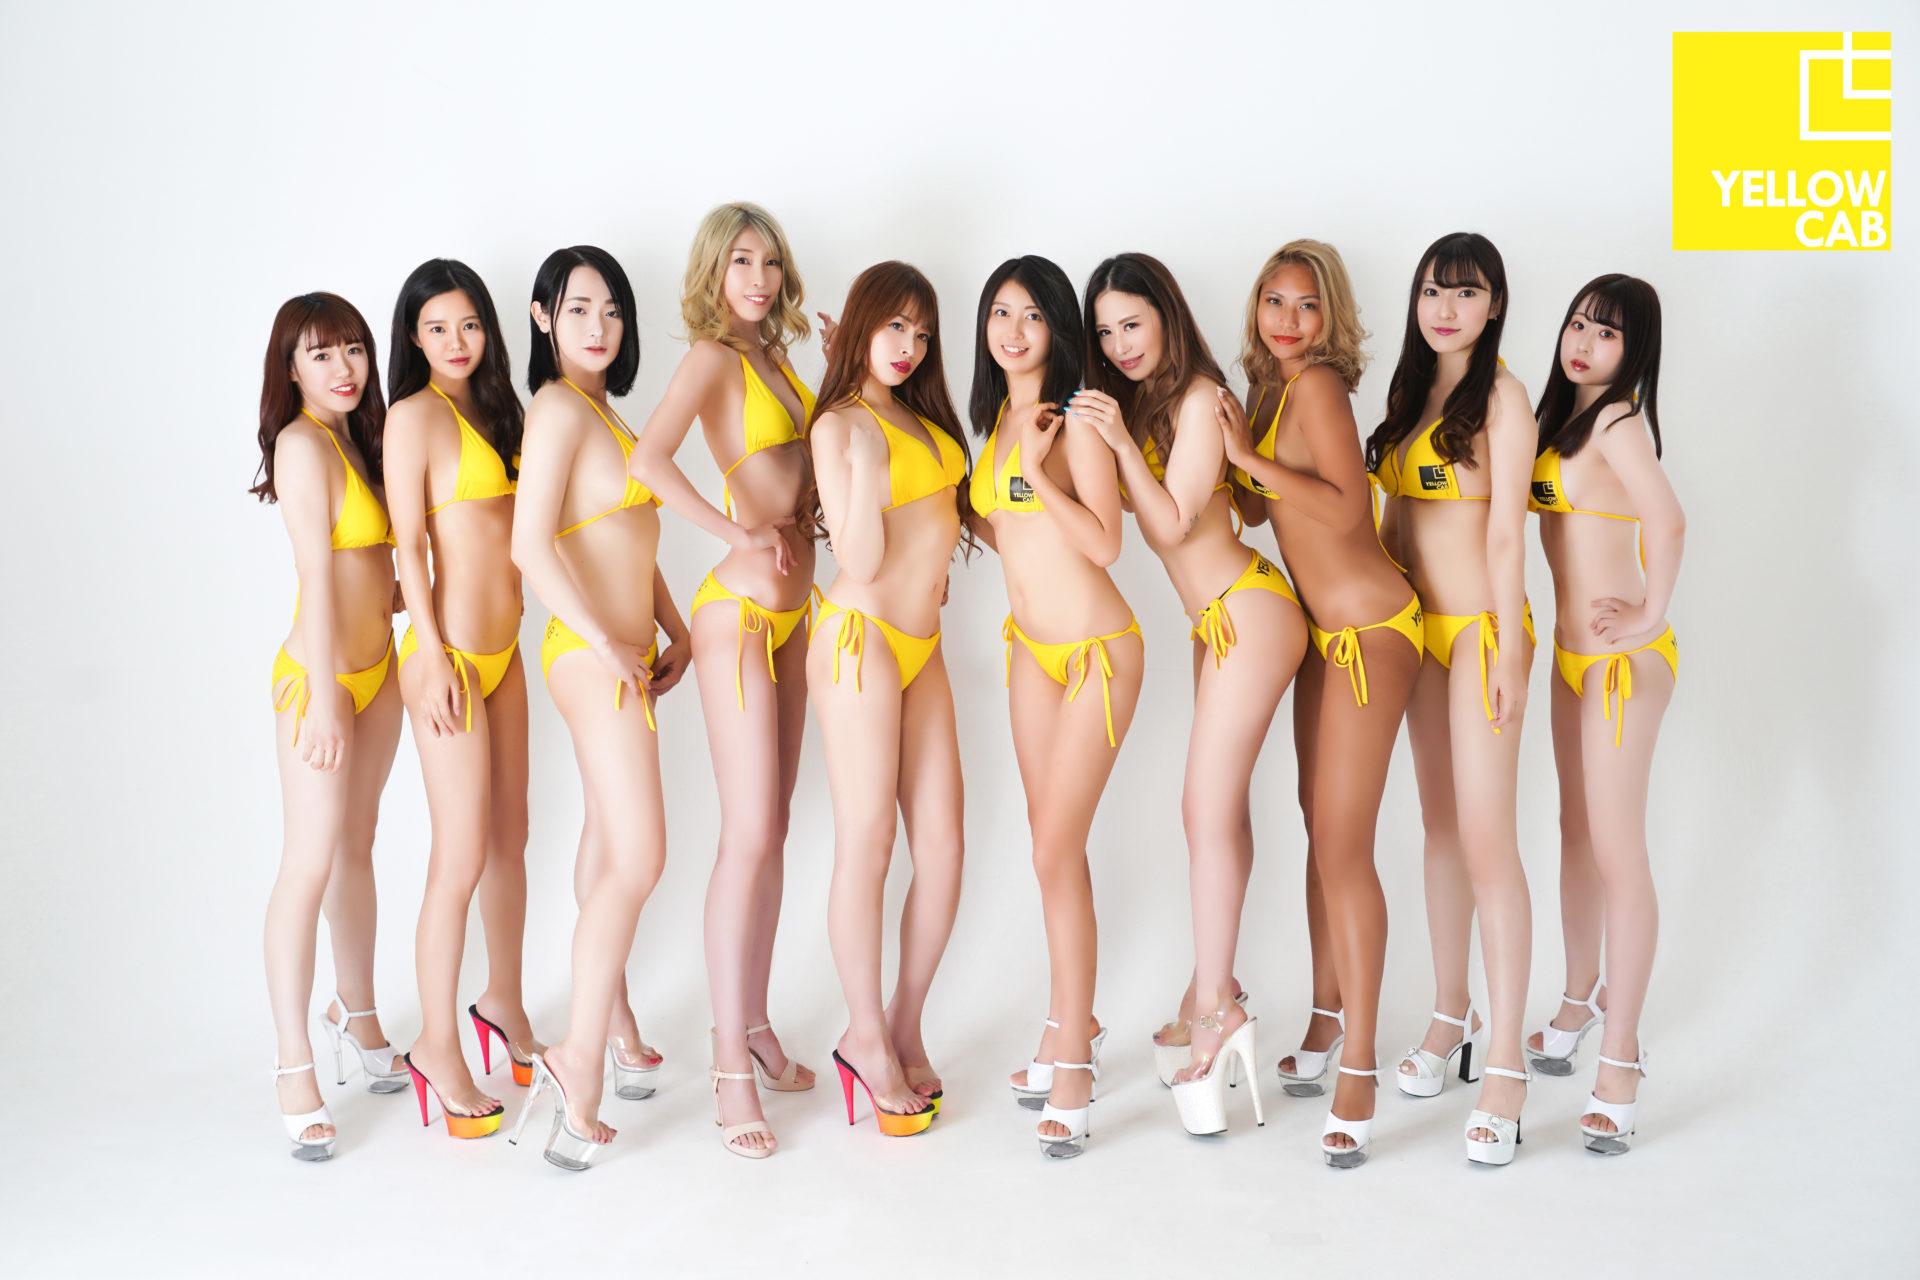 イエローキャブ待望の新人グラビアお披露目session!